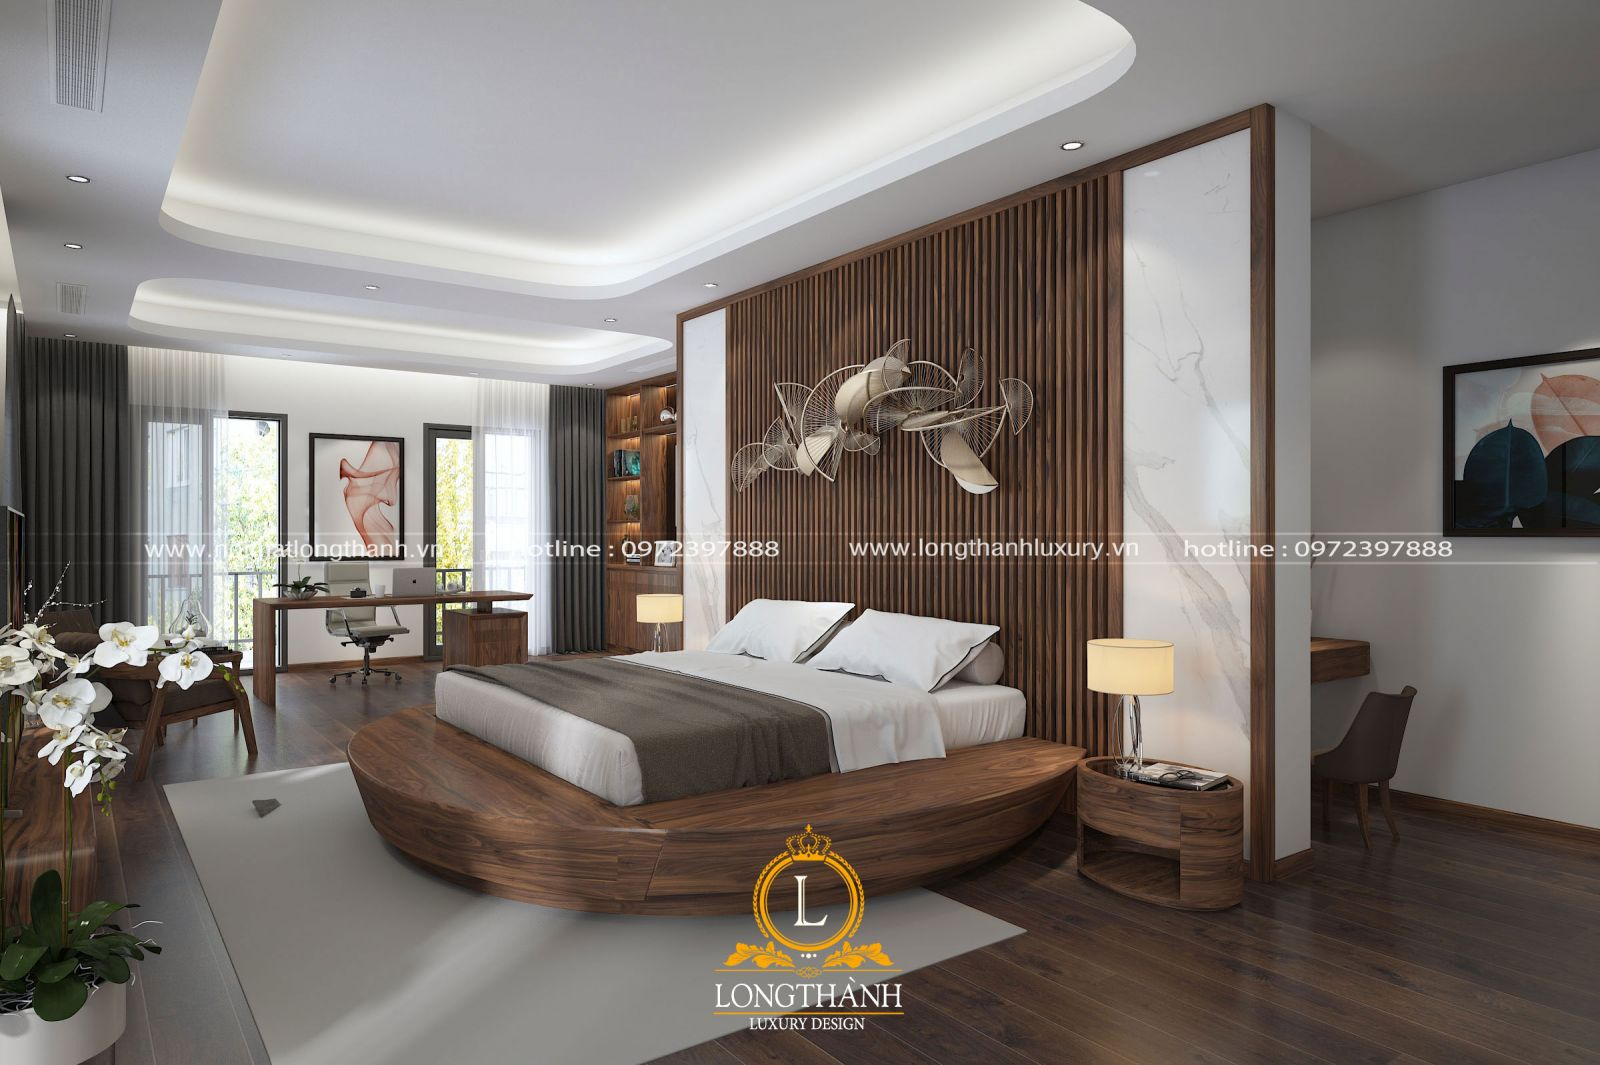 Nội thất phòng ngủ gỗ Óc chó cao cấp hiện đại